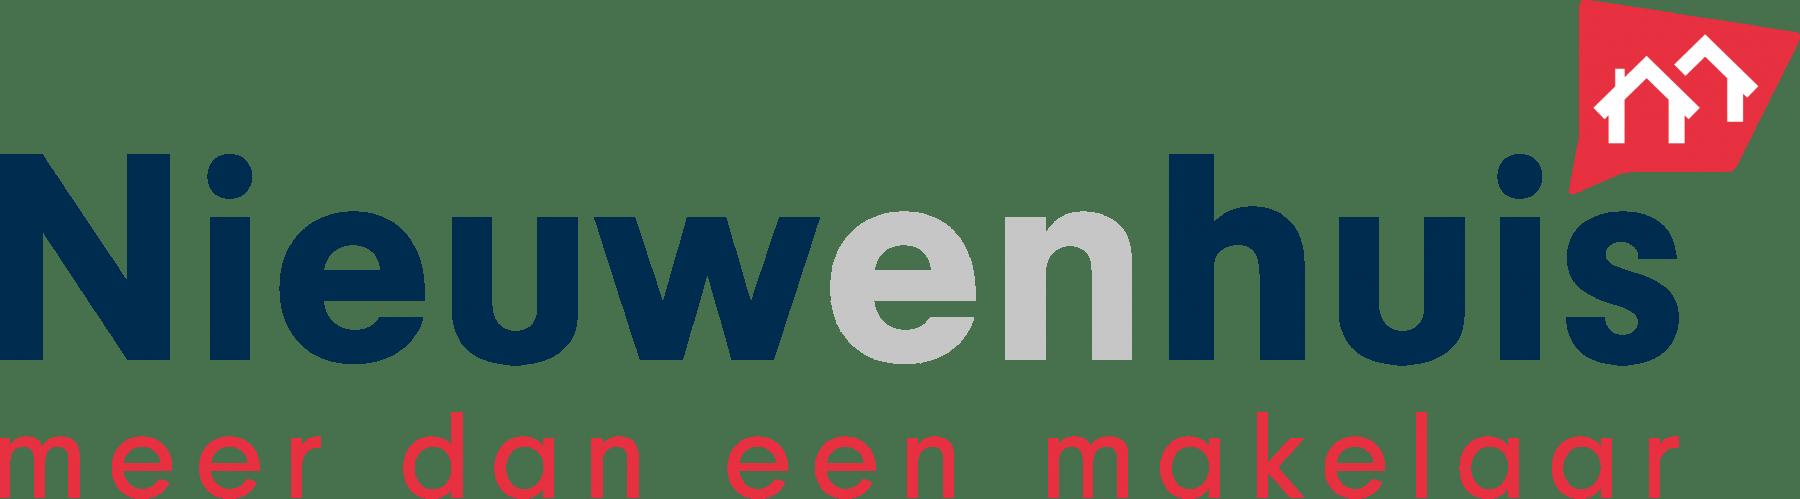 nieuwen logo nieuwenhuis